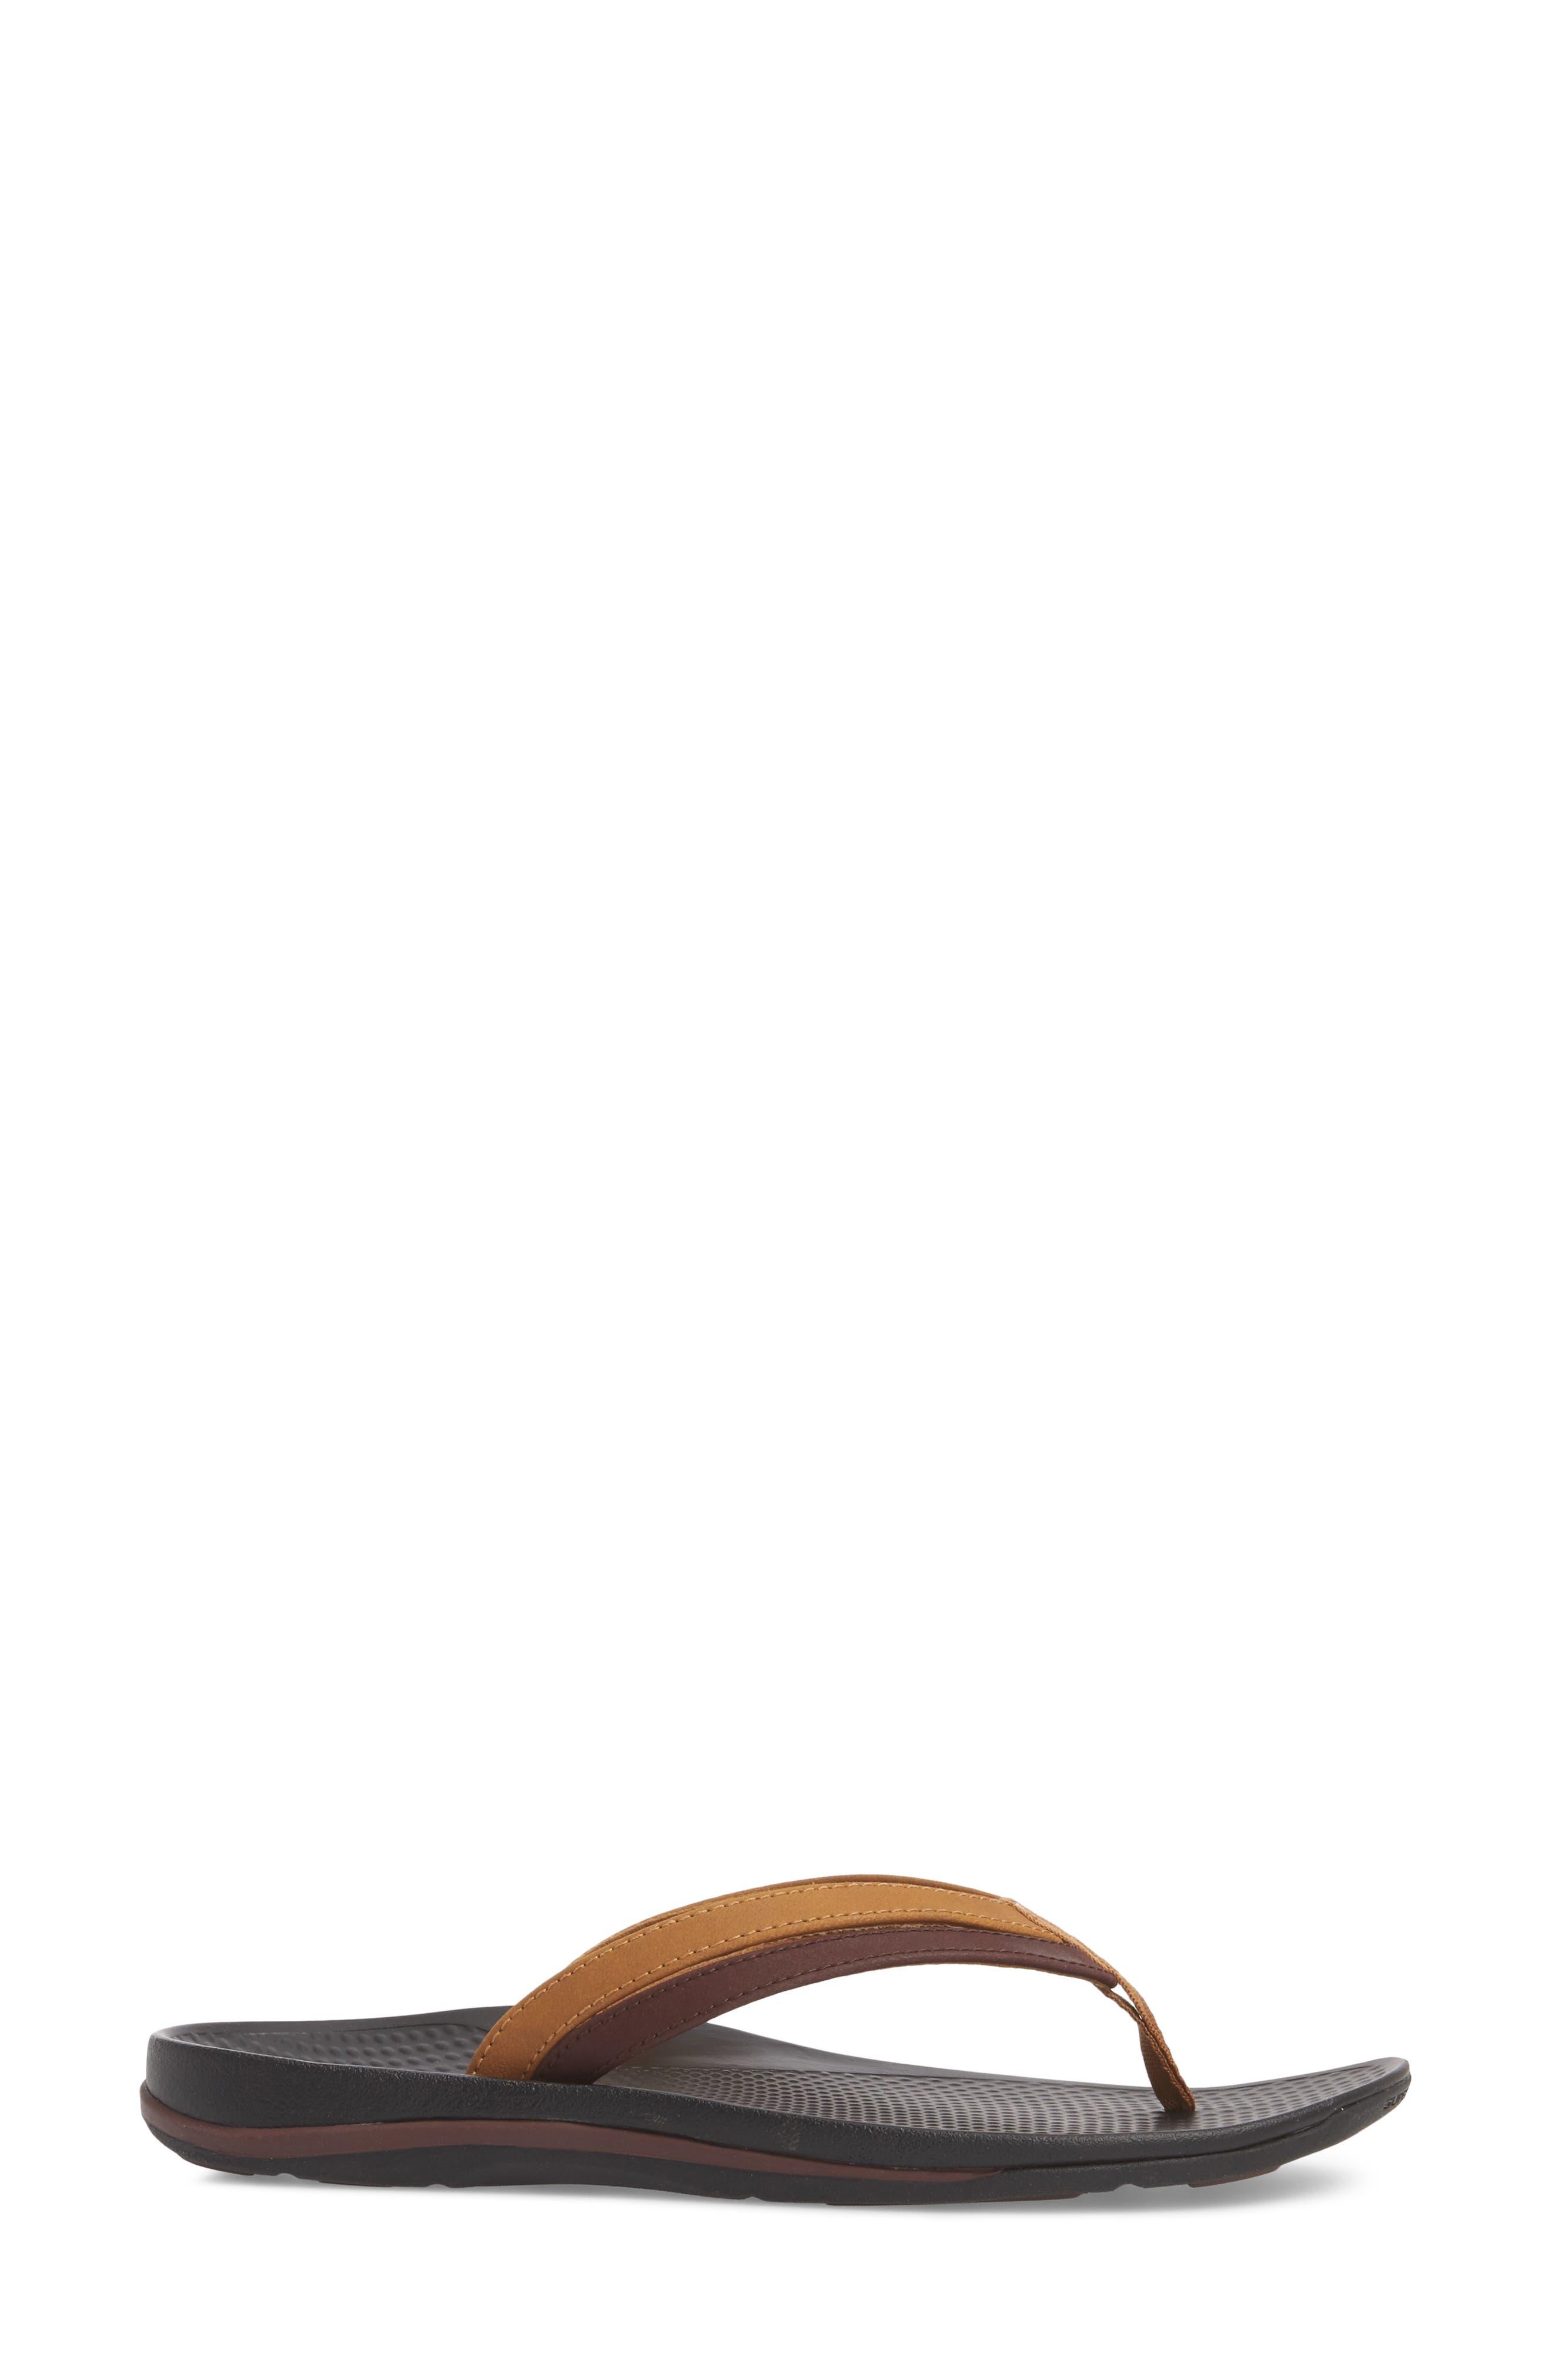 Rose Flip Flop,                             Alternate thumbnail 3, color,                             BROWN FAUX LEATHER